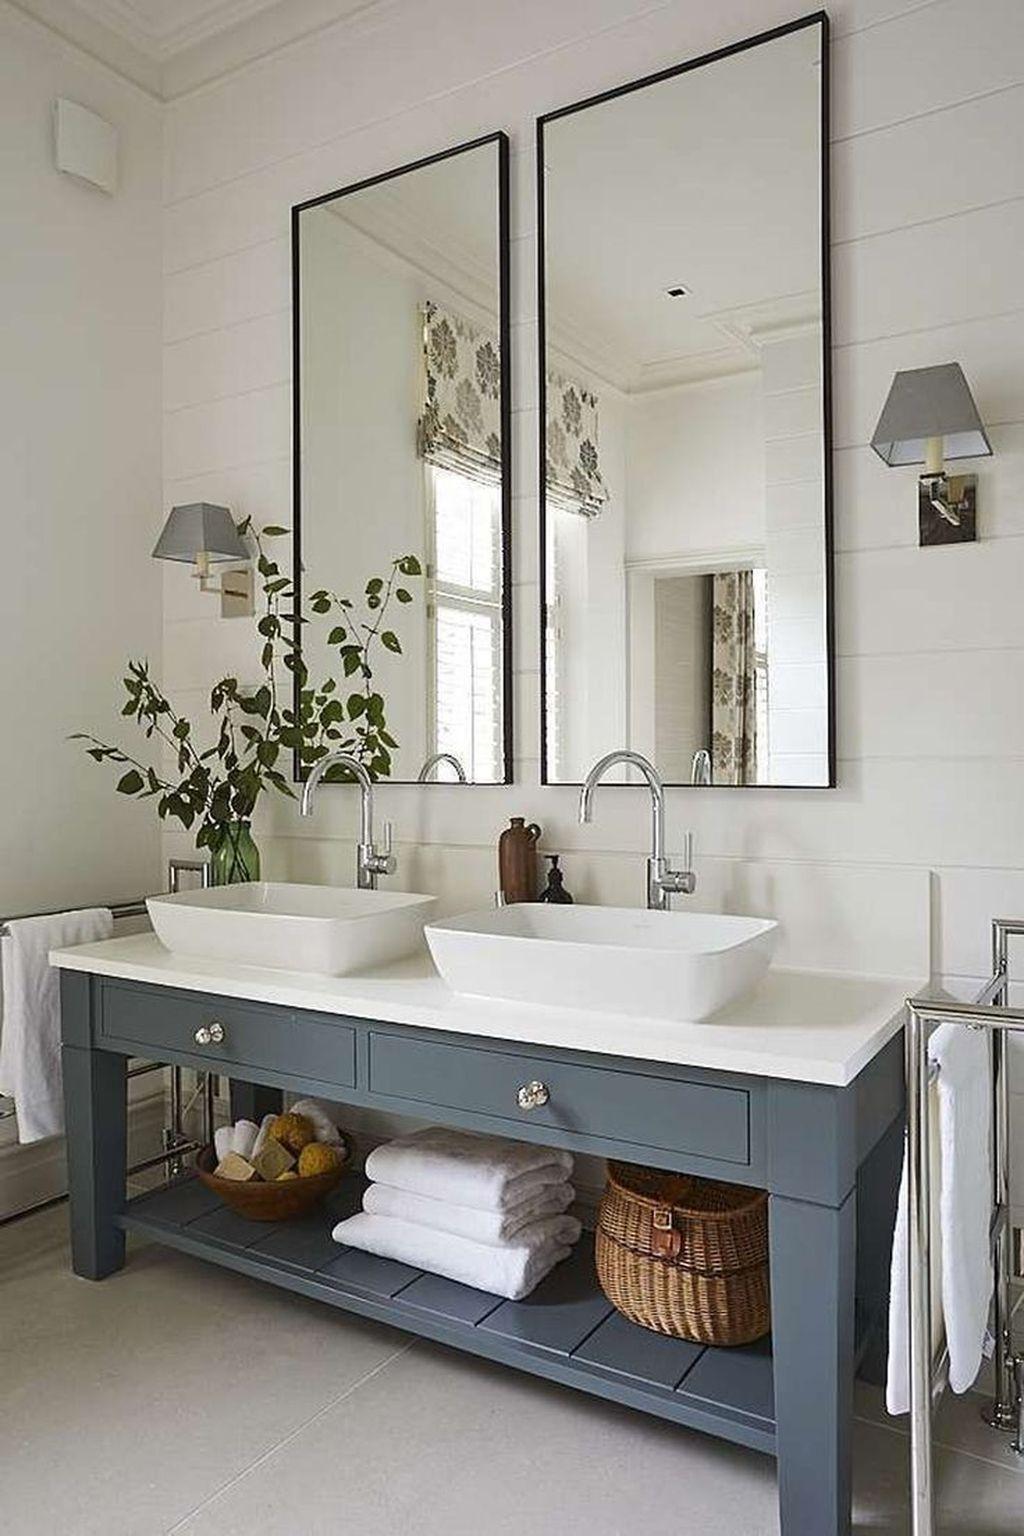 Nice 30+ Fabulous Modern Farmhouse Bathroom Vanity Ideas